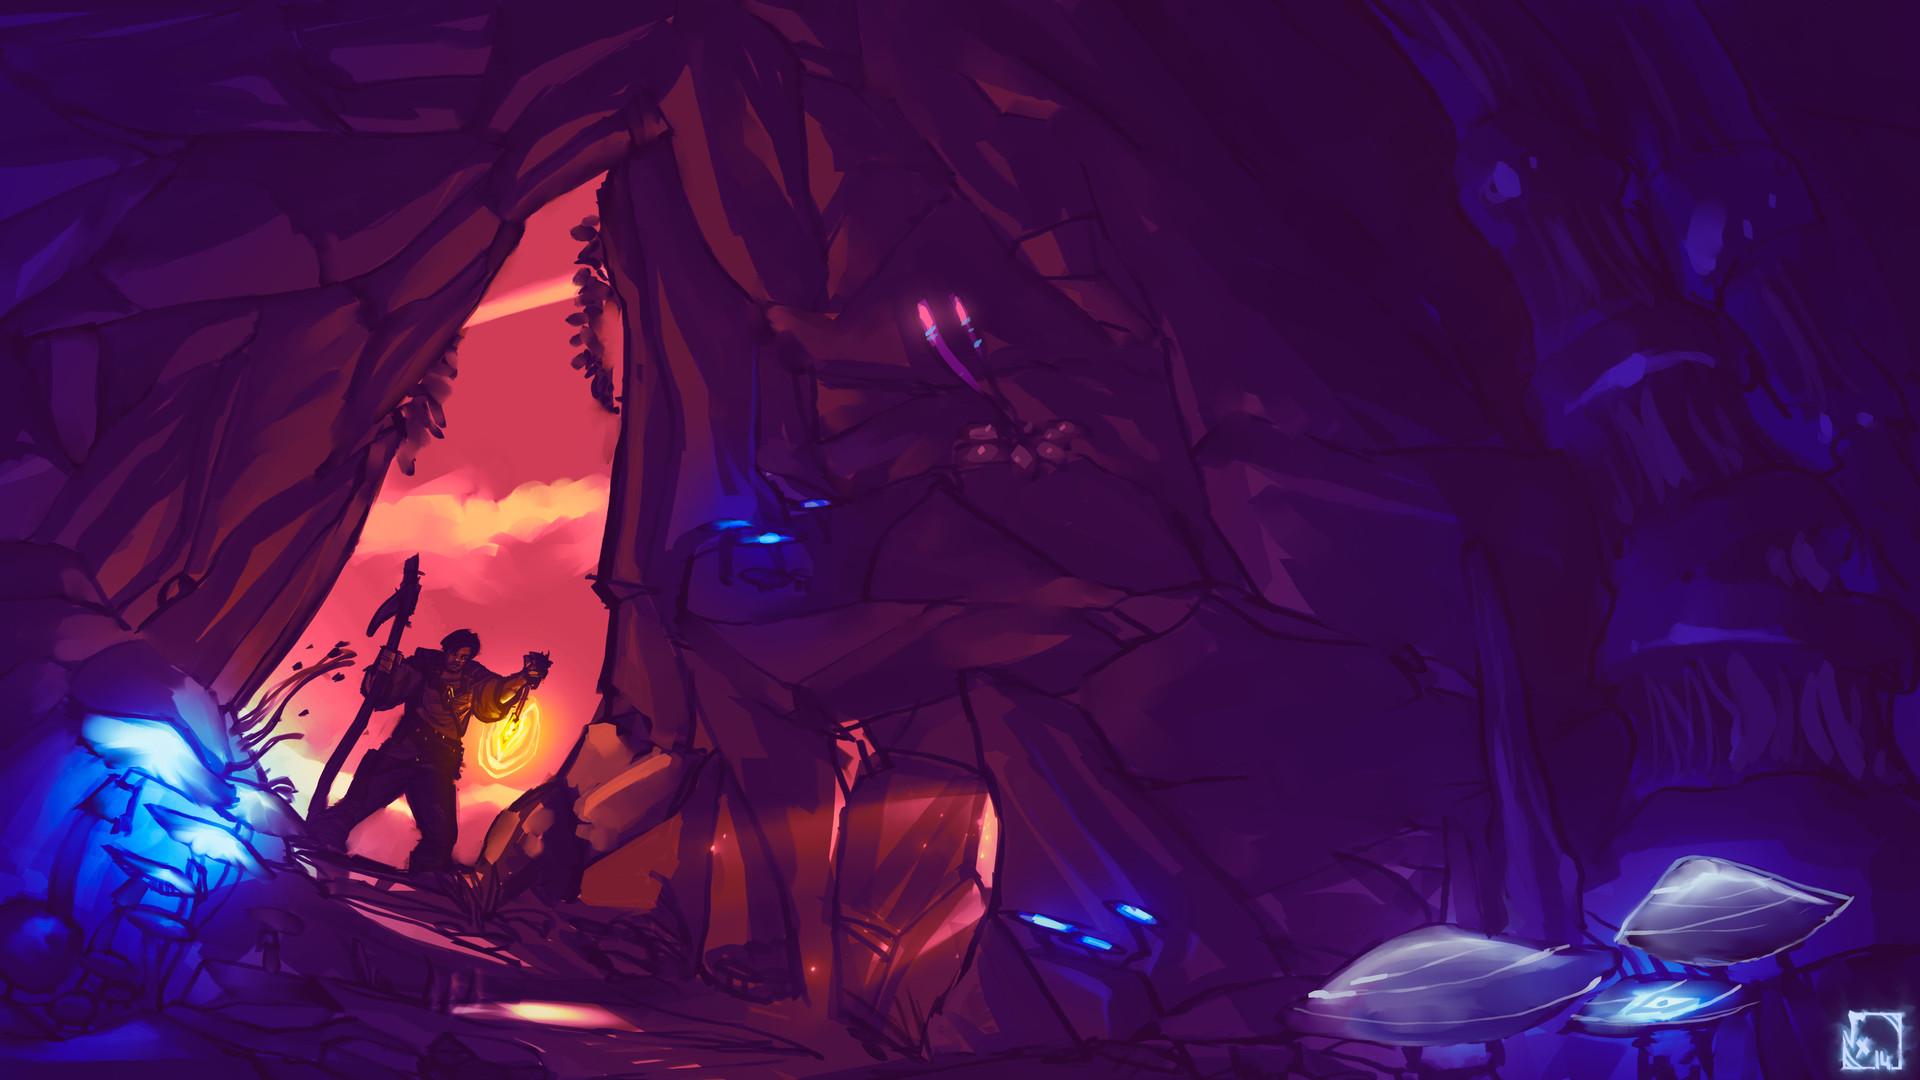 Etienne beschet archibalt grotte 01